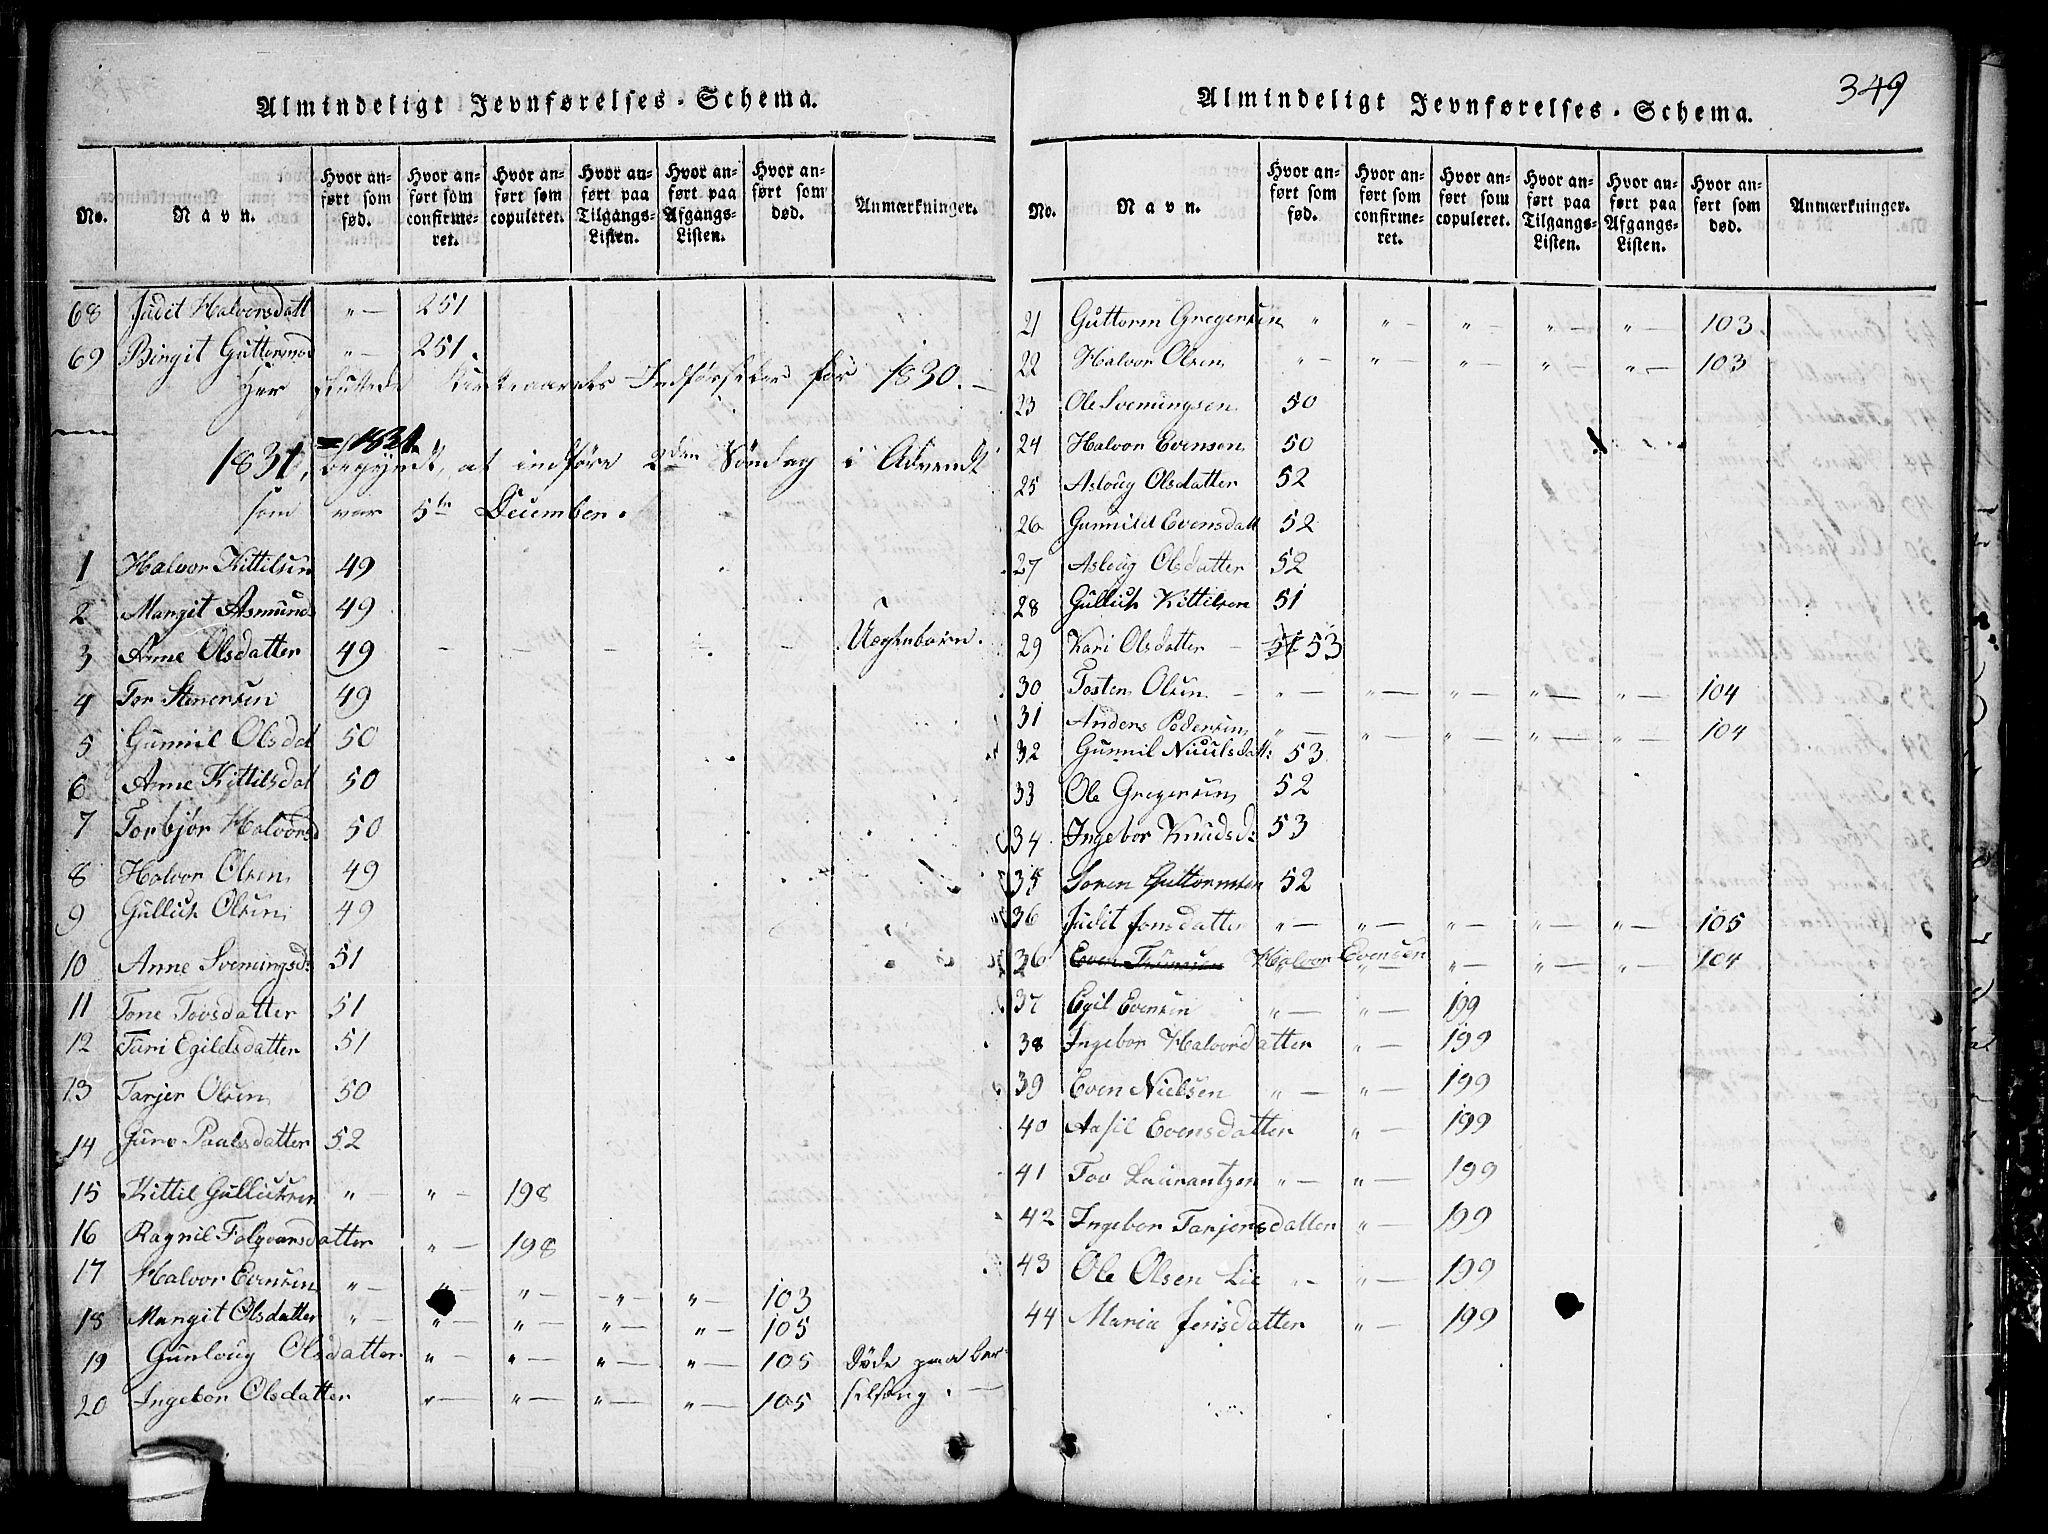 SAKO, Seljord kirkebøker, G/Gb/L0002: Klokkerbok nr. II 2, 1815-1854, s. 349